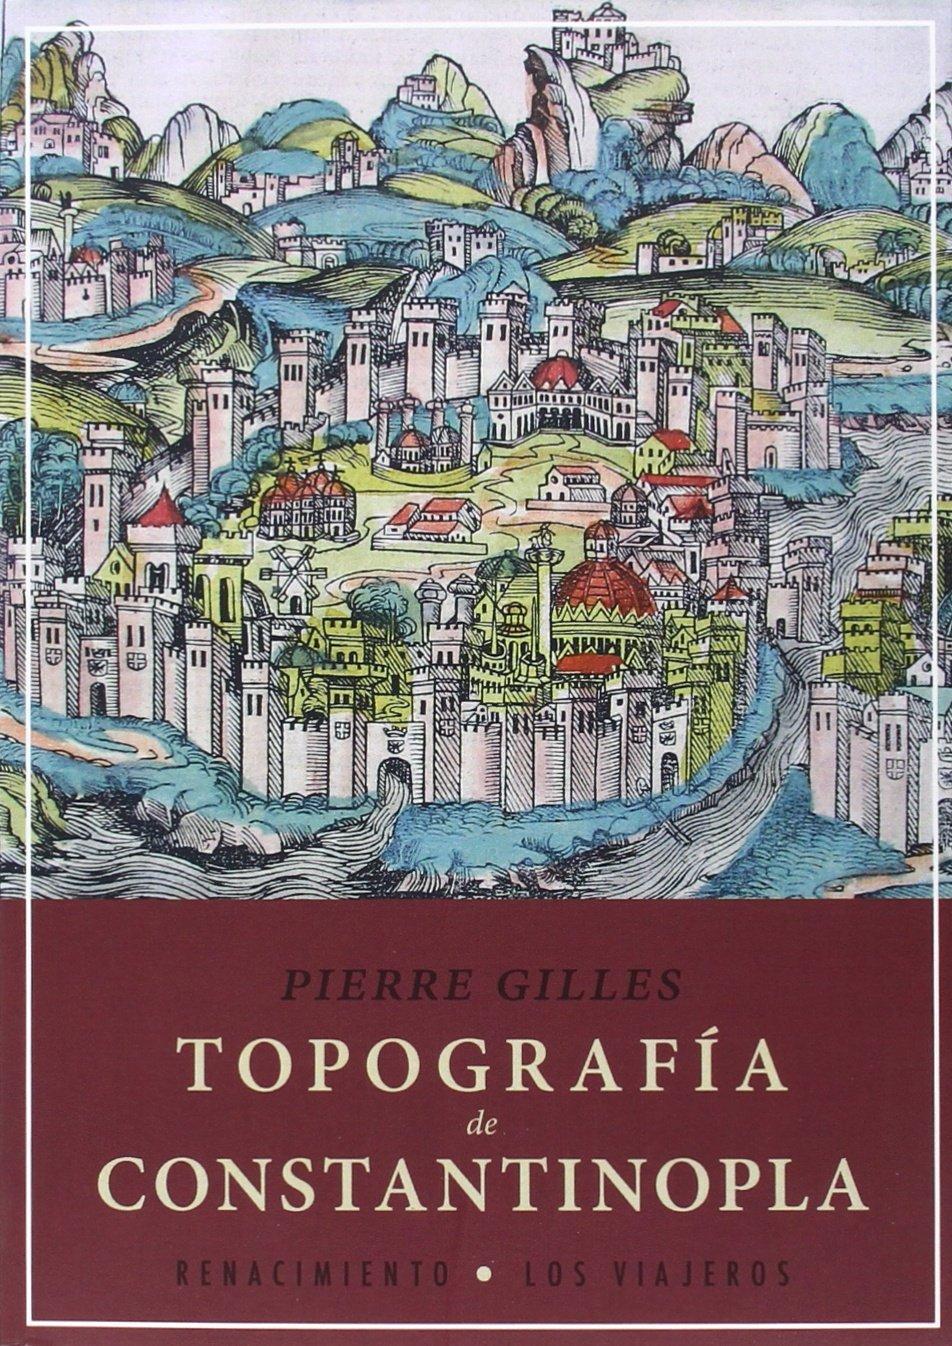 Topografía de Constantinopla (Los viajeros): Amazon.es: Pierre Gilles, Pedro Bádenas de la Peña, Miguel Ángel de Bunes Ibarra, Domingo Fernández Sanz: ...